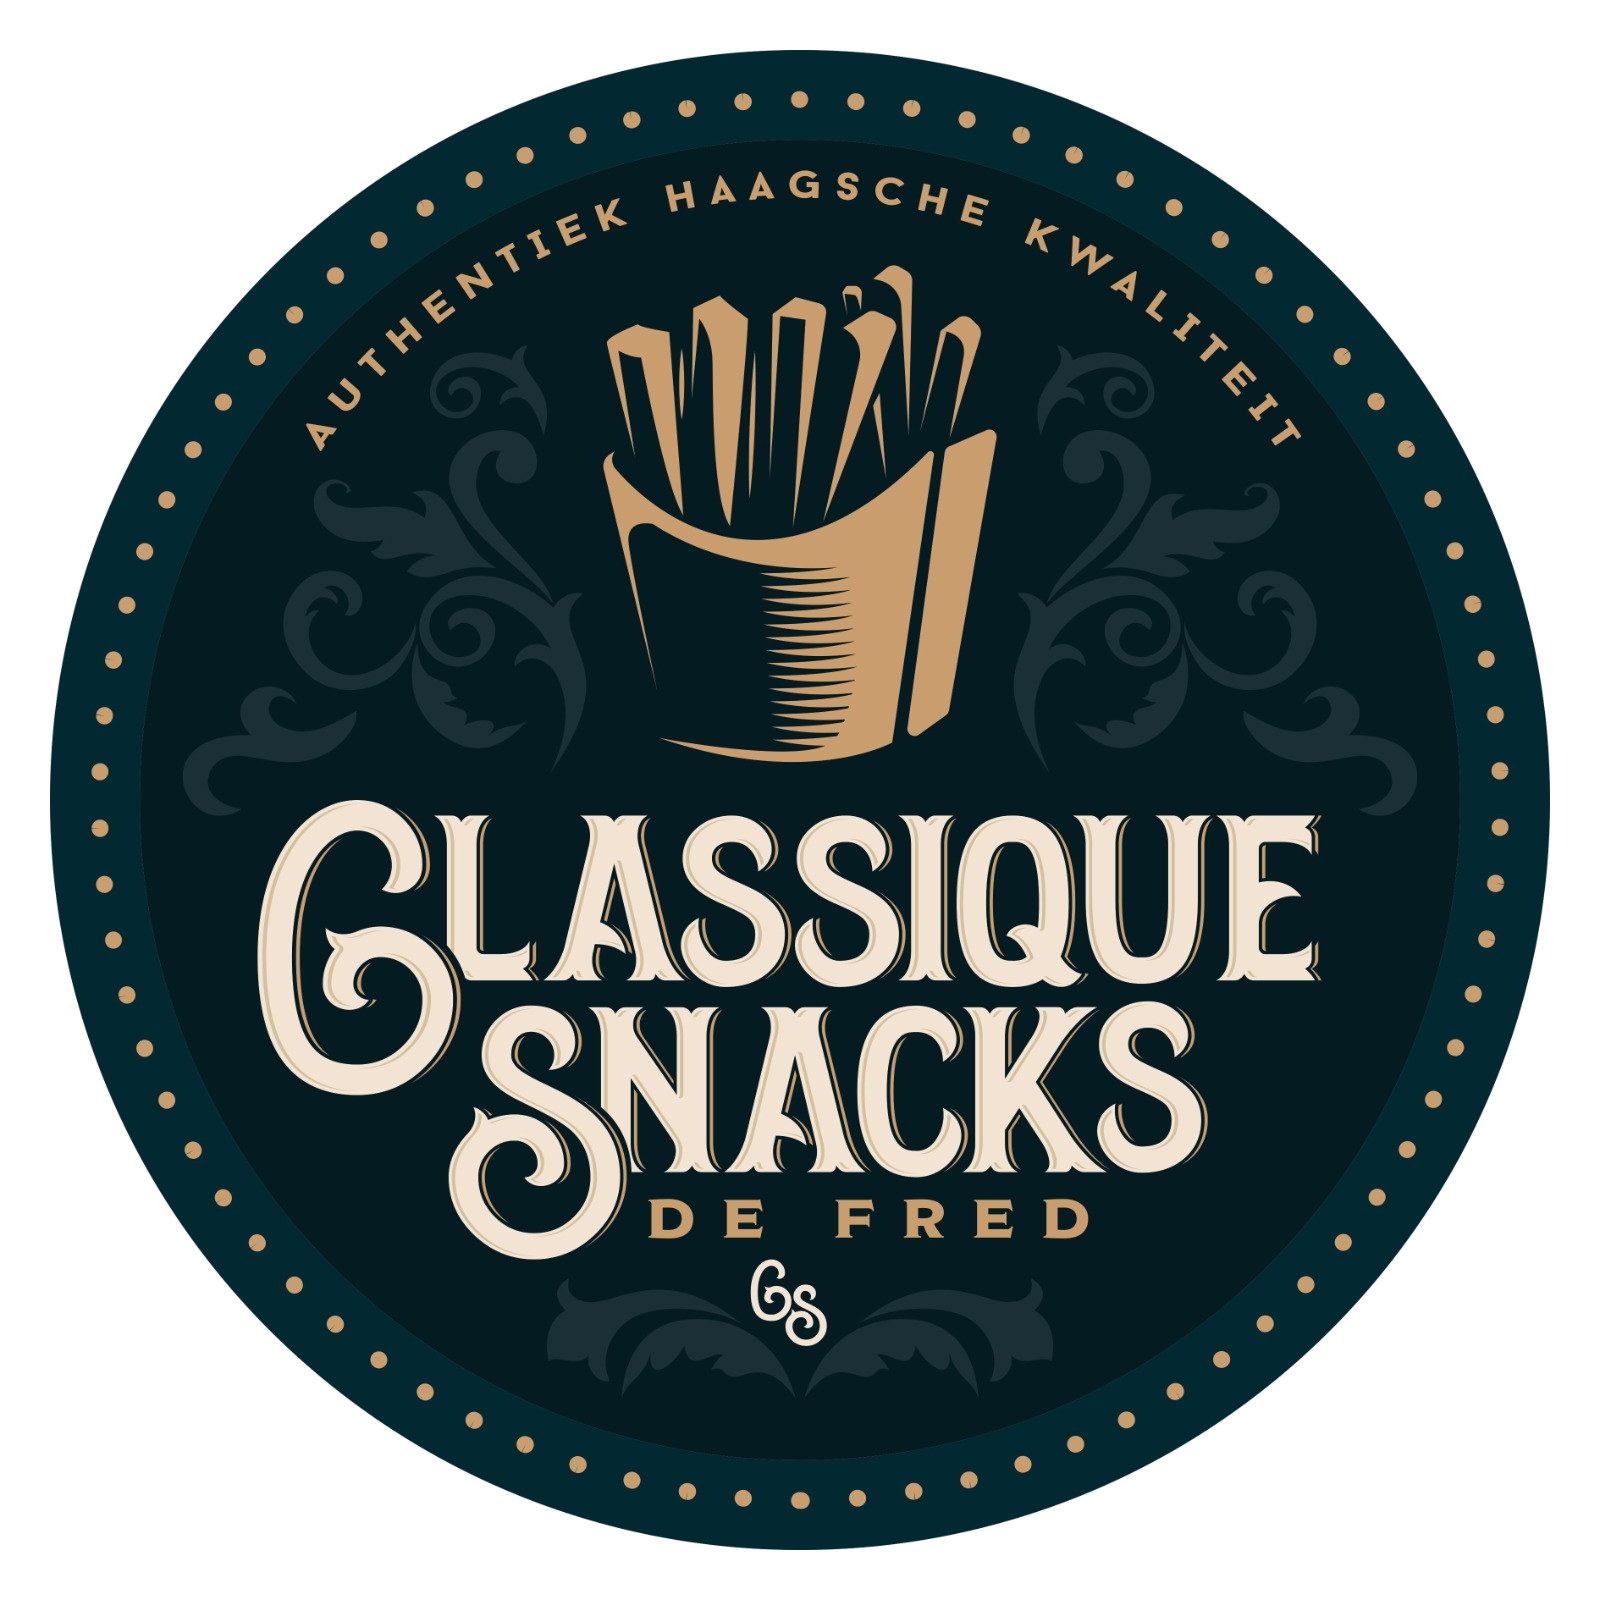 Classique Snacks